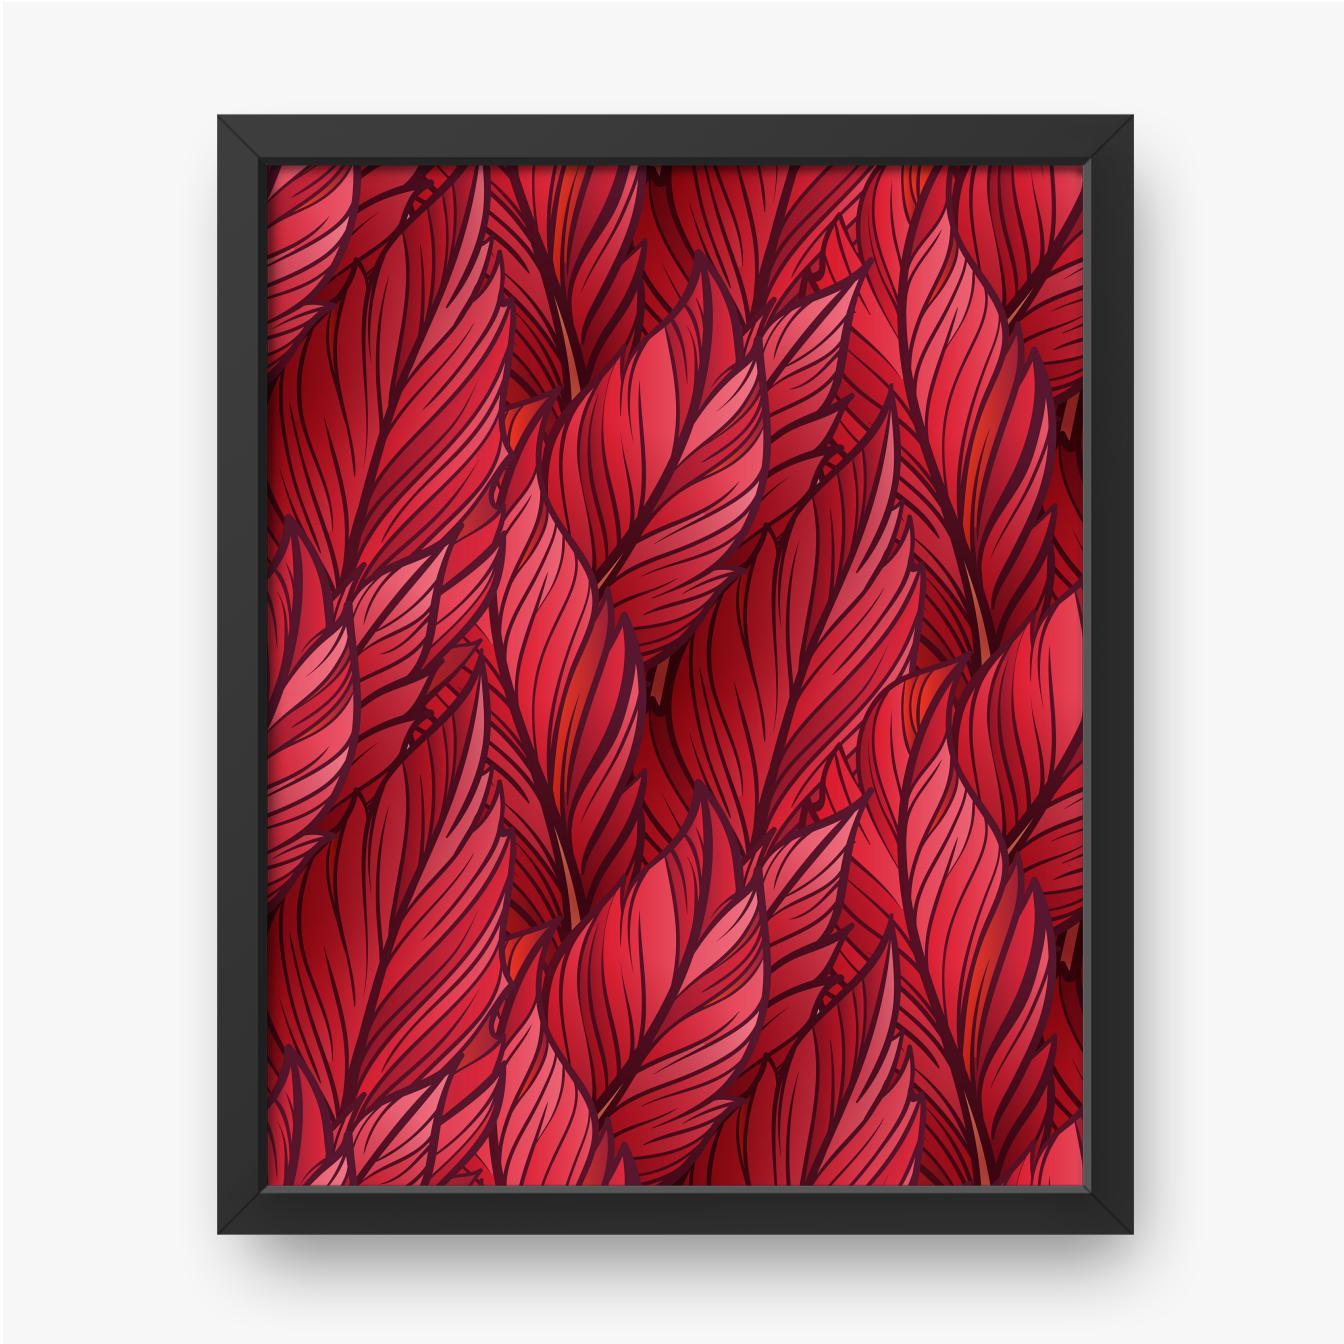 Rote Herbstblätter gestapelt die nebeneinander gestapelt